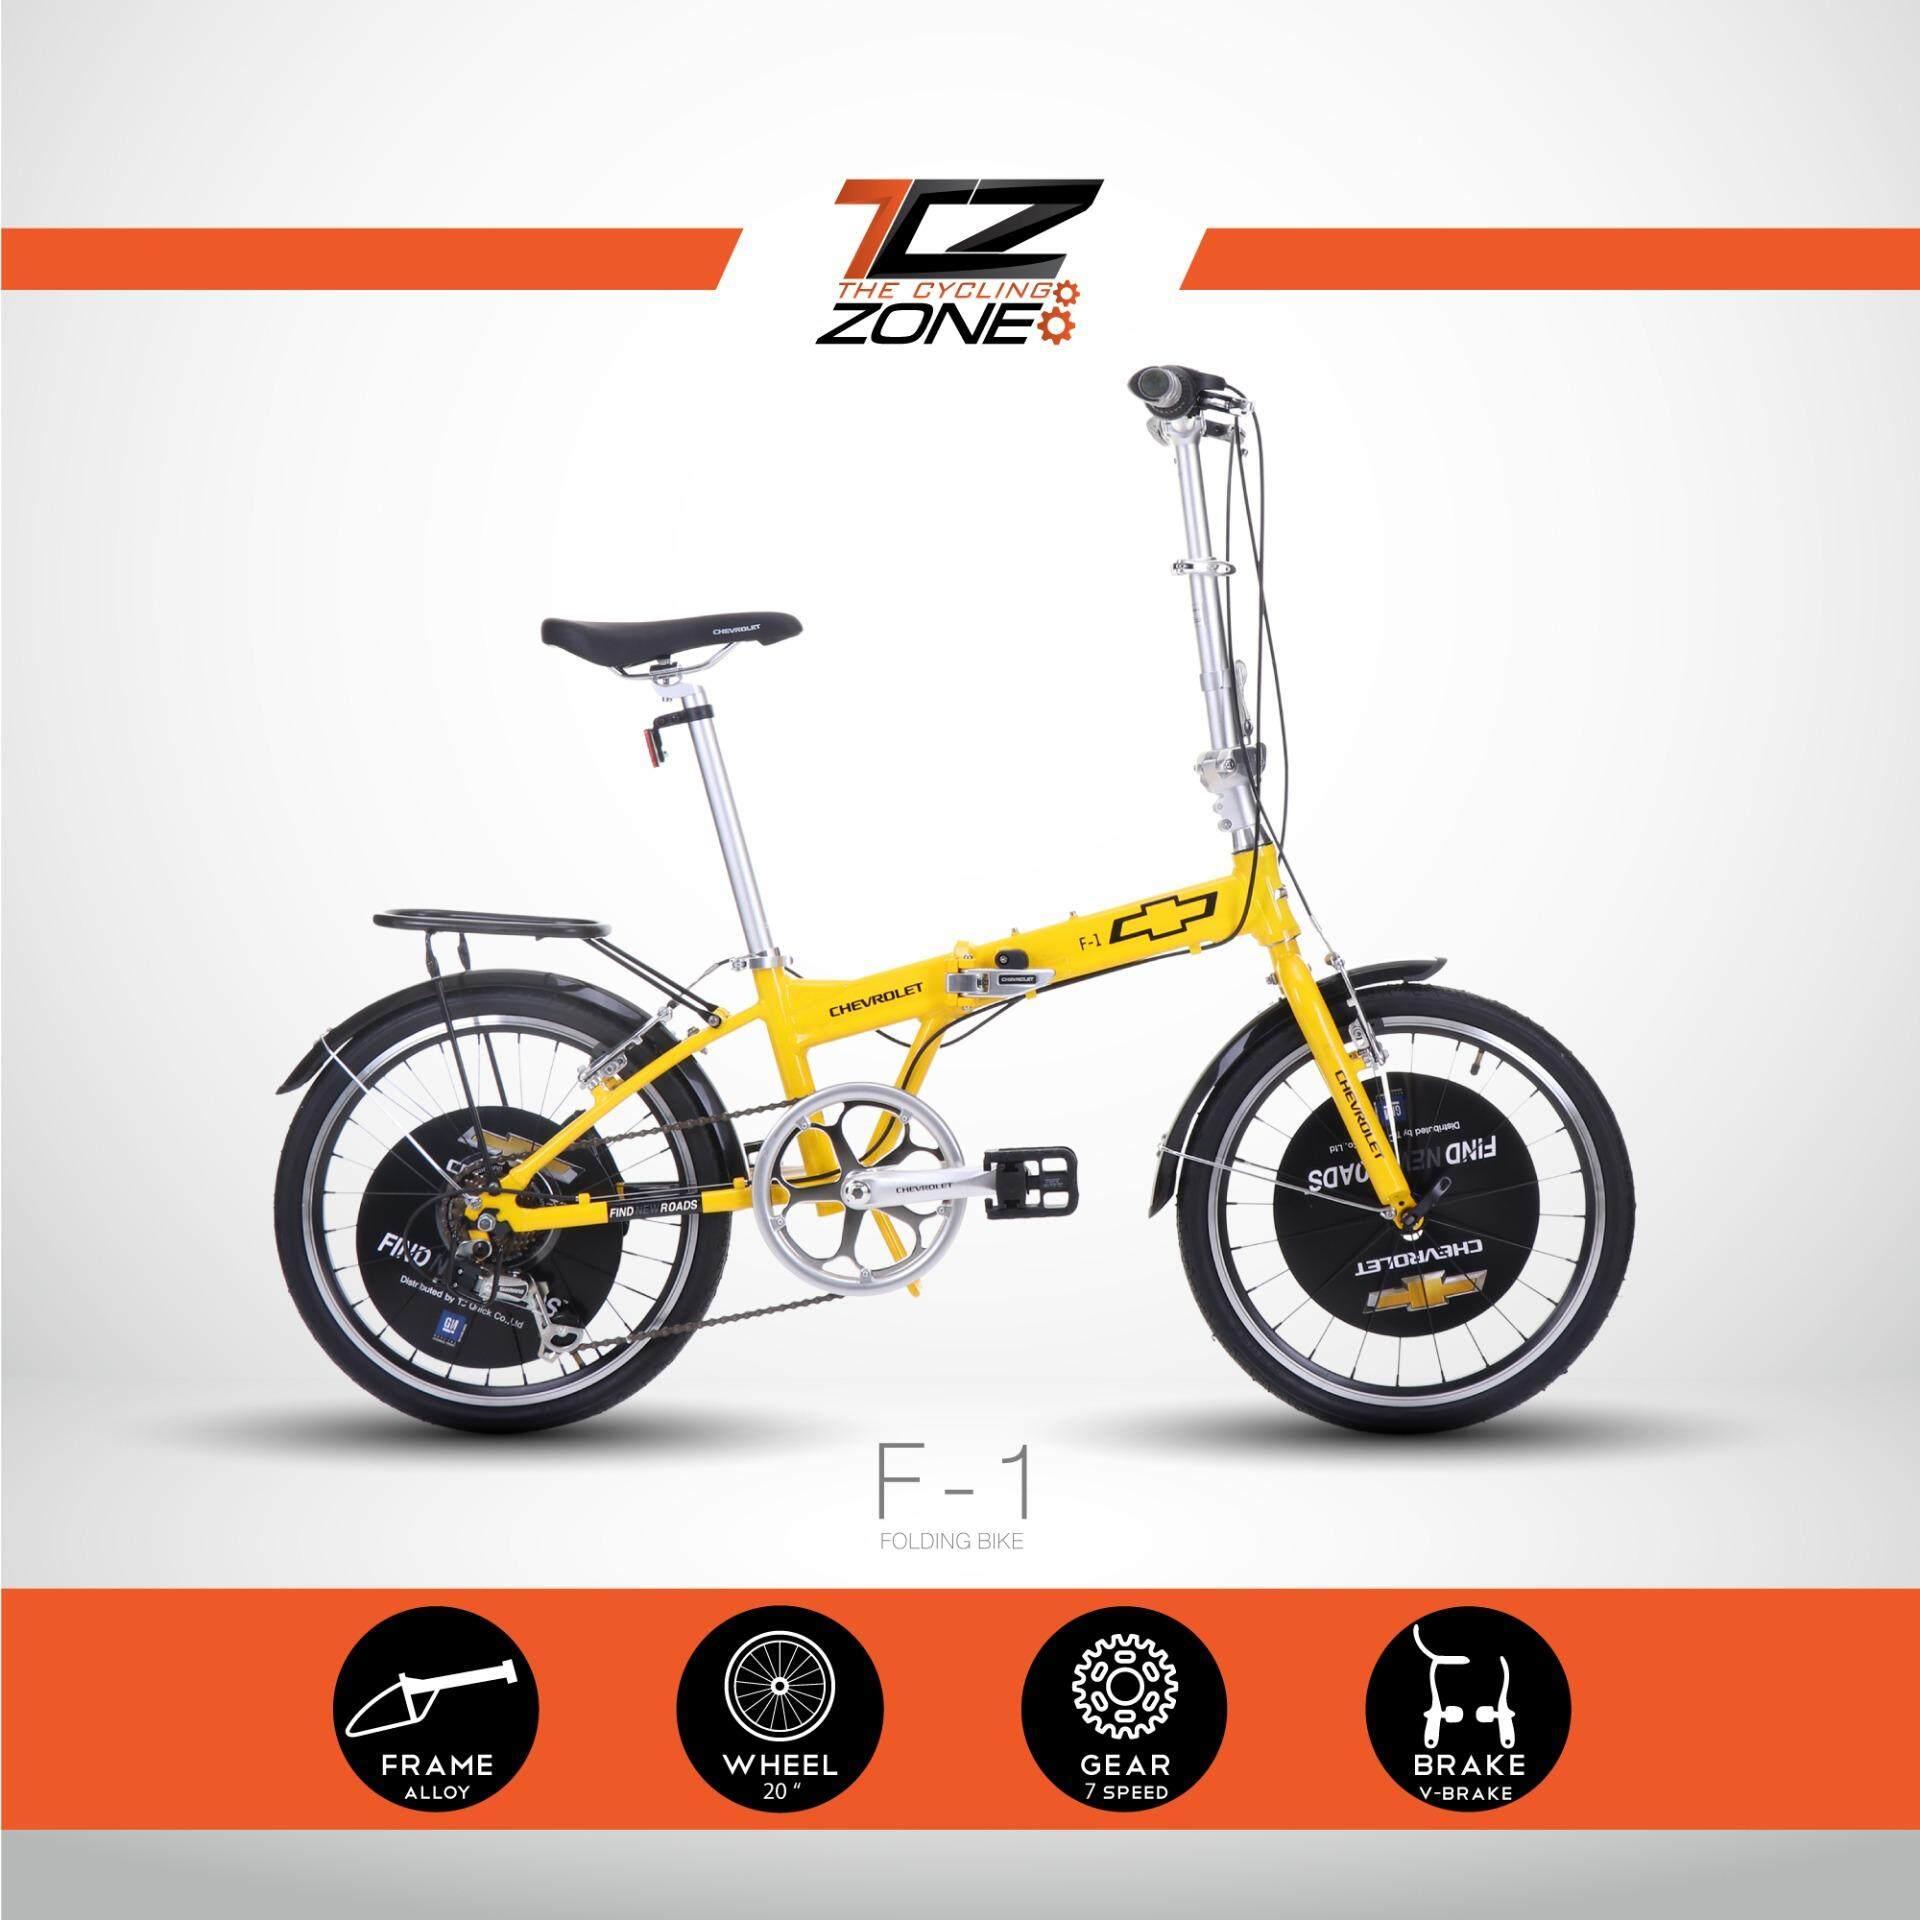 CHEVROLET จักรยานพับได้ 20 นิ้ว/ตัวถัง อลูมิเนียม/เกียร์ SHIMANO 7สปีด/รุ่น F-1 (สีเหลือง)